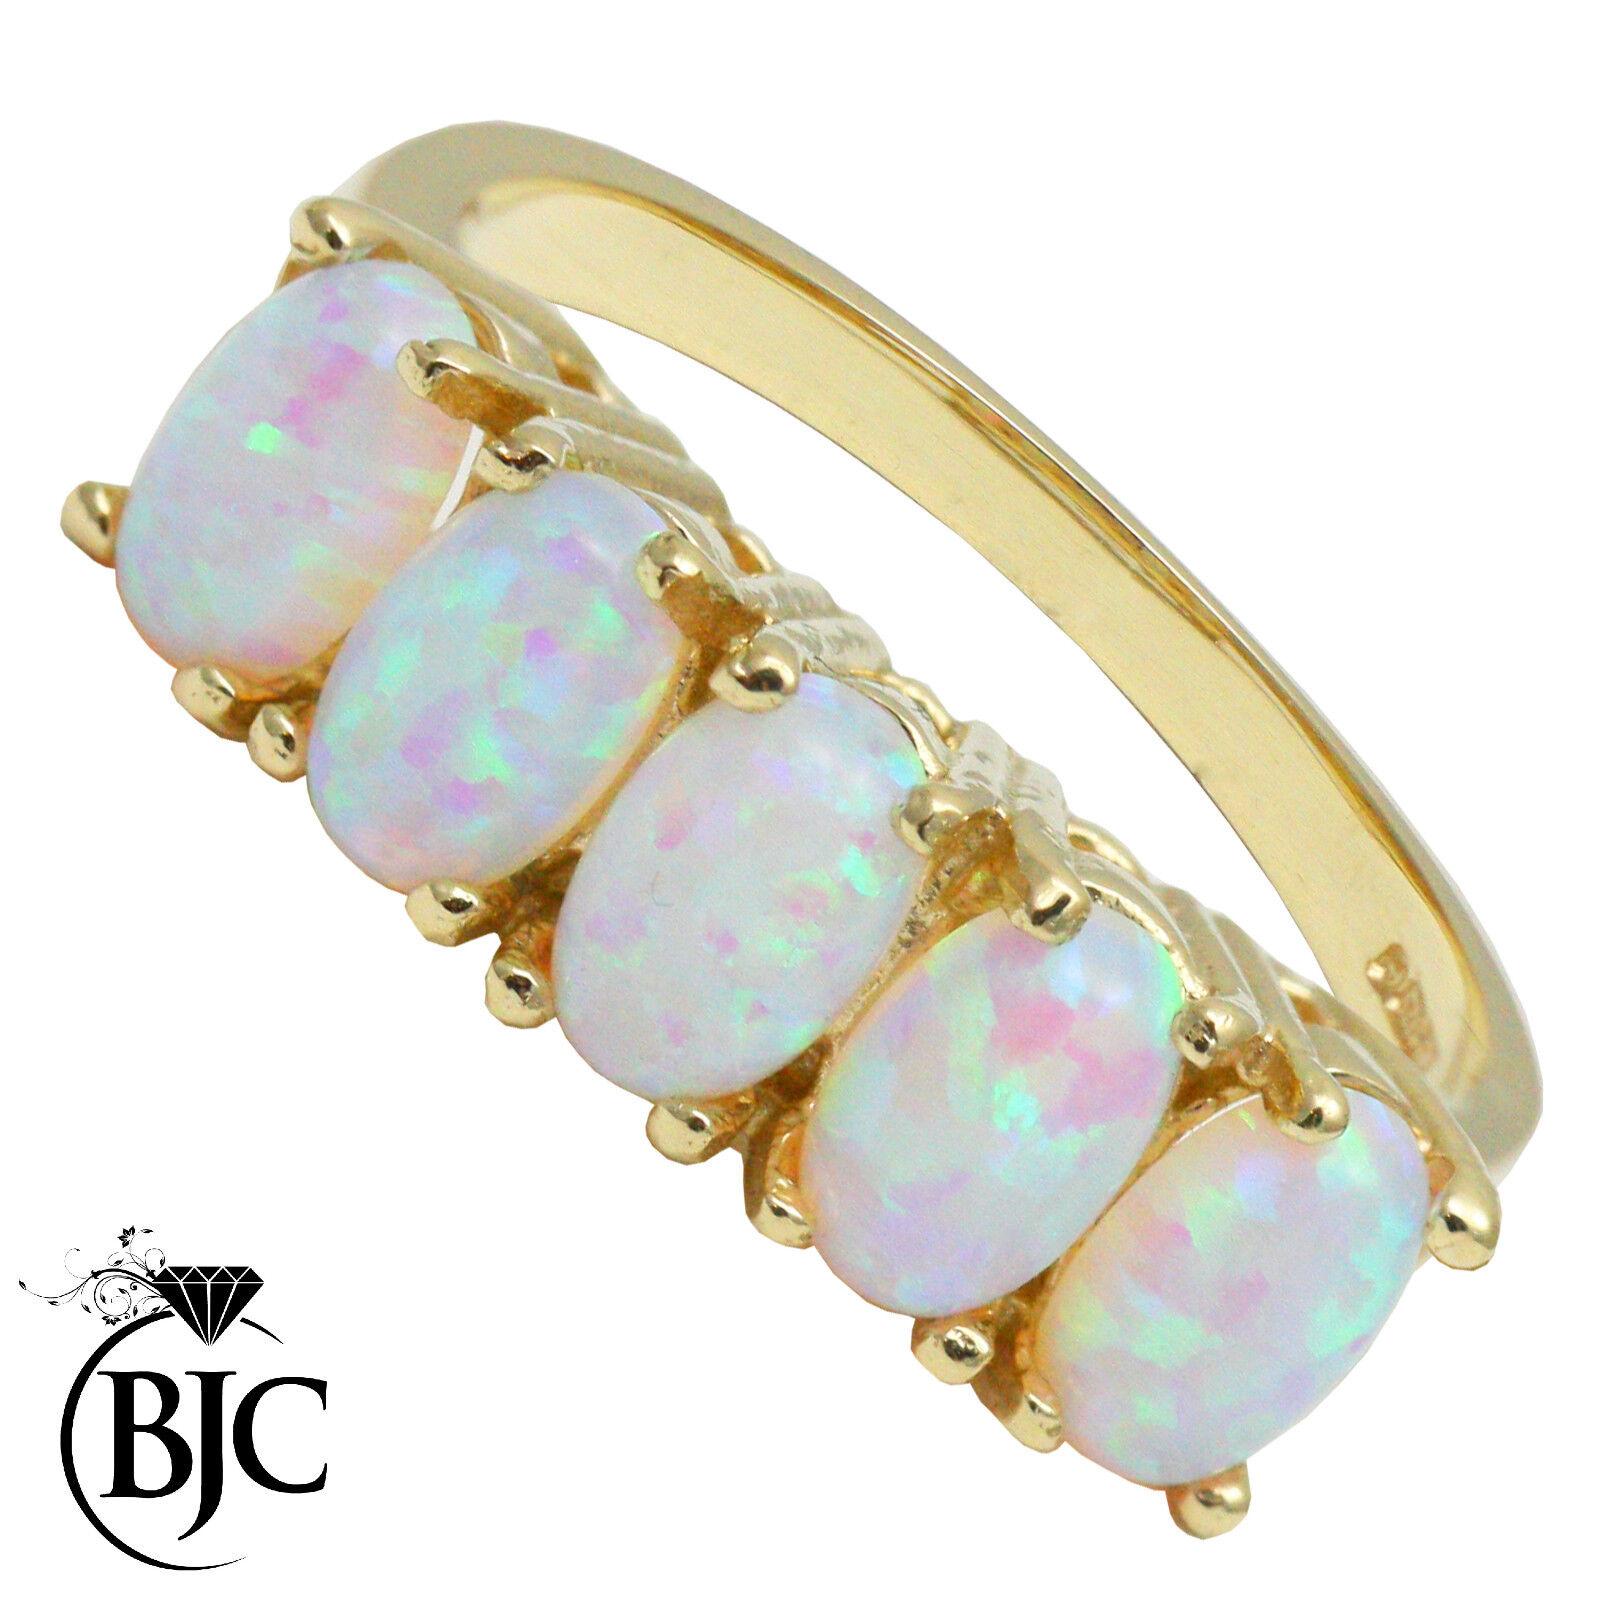 Bjc 9 Karat yellowgold Halbe Ewigkeit Opal 5 Stein der Größe n Kleid Haufen Ring